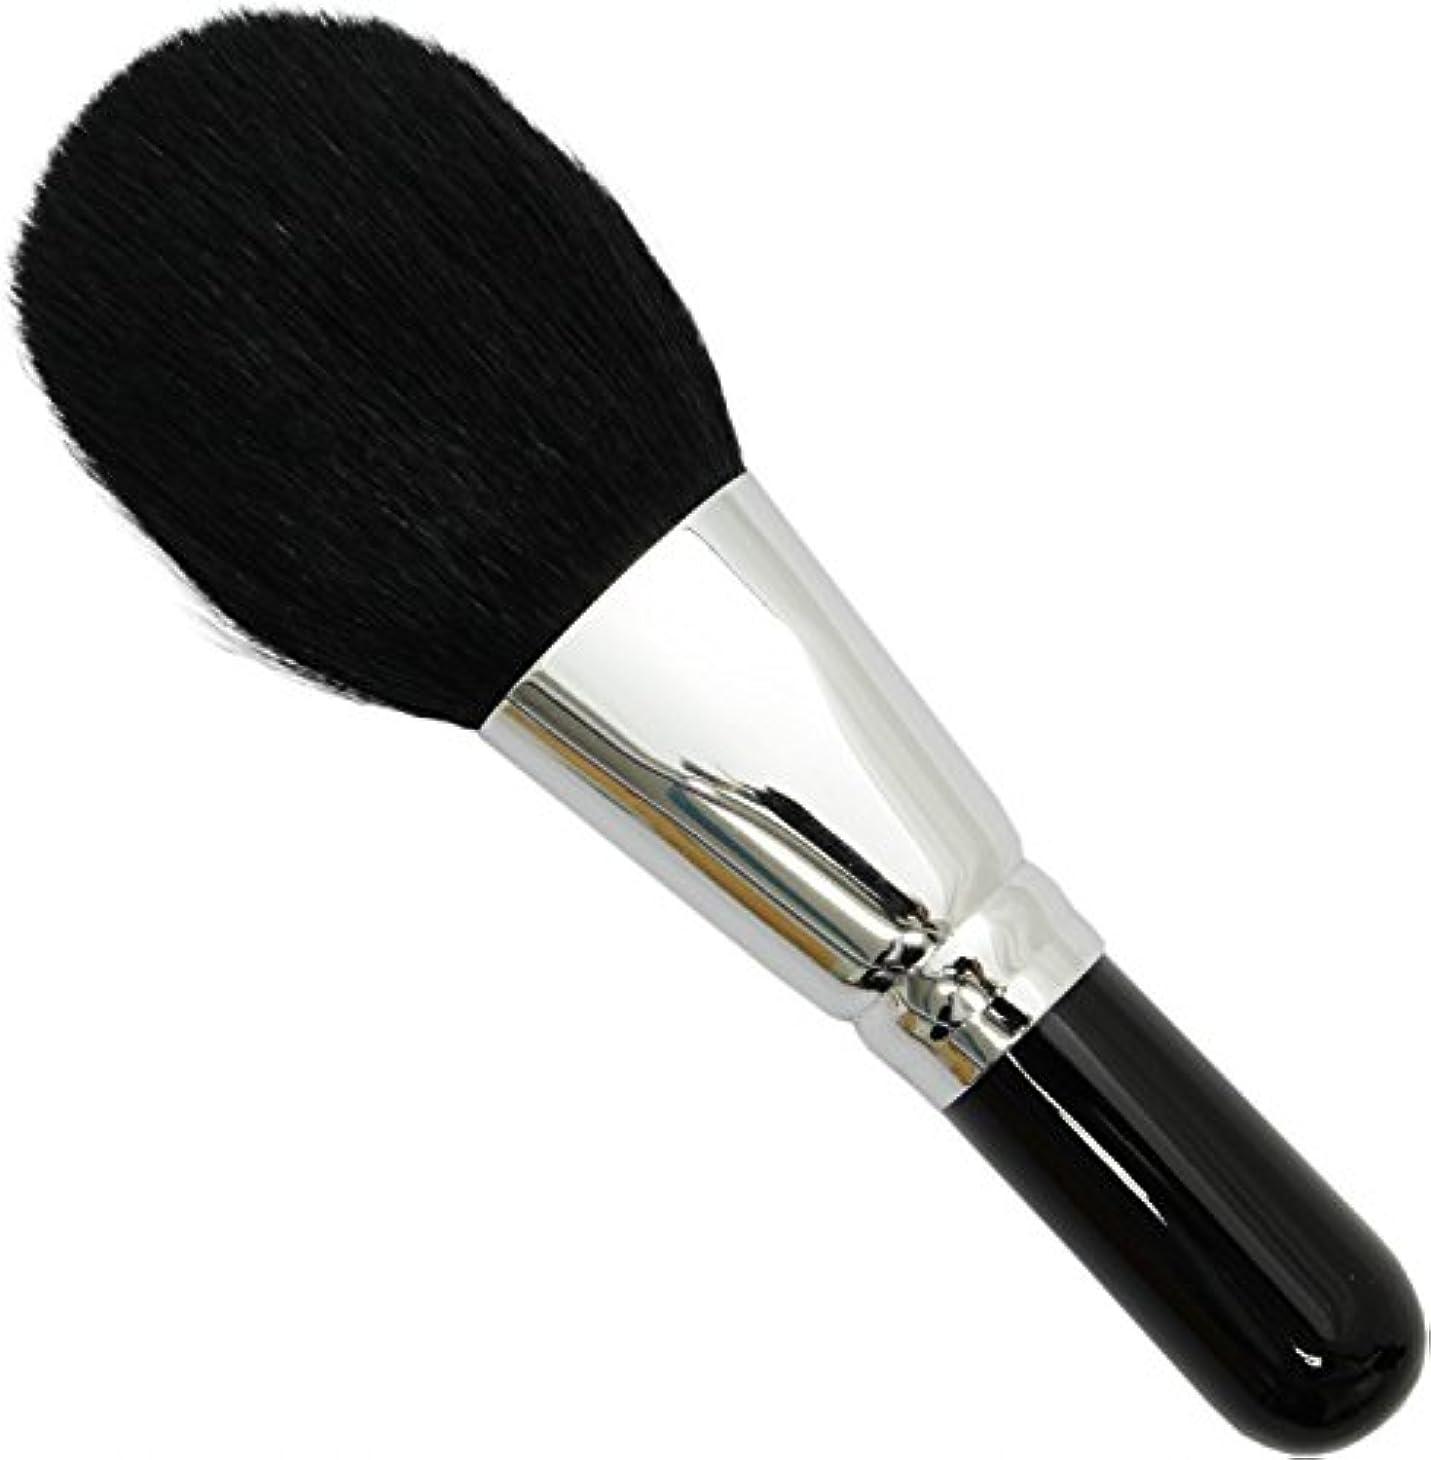 玉旅スペル熊野筆 メイクブラシ SRシリーズ フェイスブラシ 山羊毛